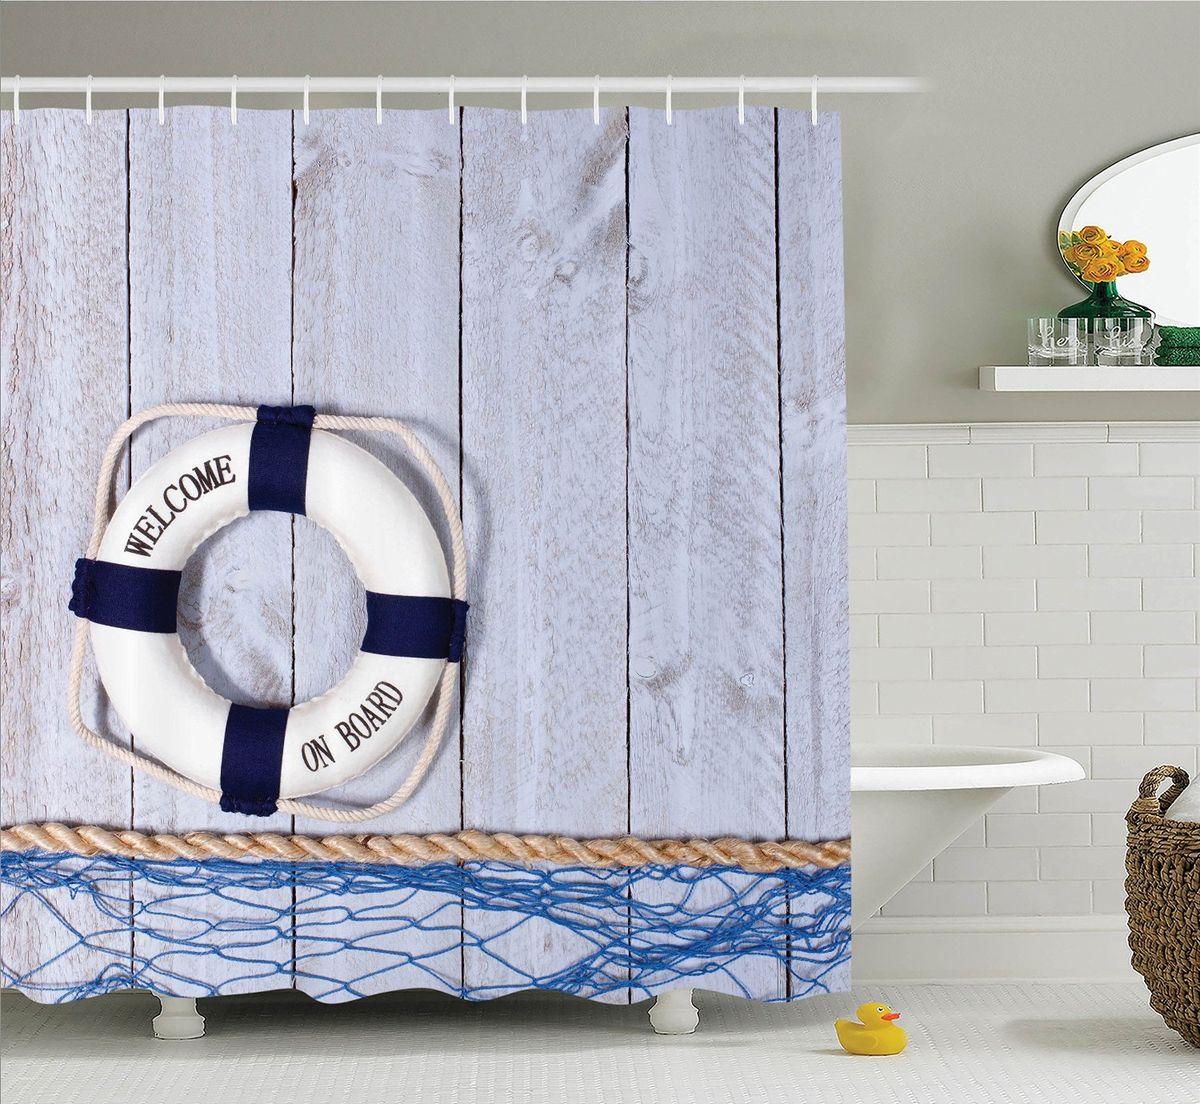 Штора для ванной комнаты Magic Lady Спасательный круг, 180 х 200 см59401Штора Magic Lady Спасательный круг, изготовленная из высококачественного сатена (полиэстер 100%), отлично дополнит любой интерьер ванной комнаты. При изготовлении используются специальные гипоаллергенные чернила для прямой печати по ткани, безопасные для человека.В комплекте: 1 штора, 12 крючков. Обращаем ваше внимание, фактический цвет изделия может незначительно отличаться от представленного на фото.